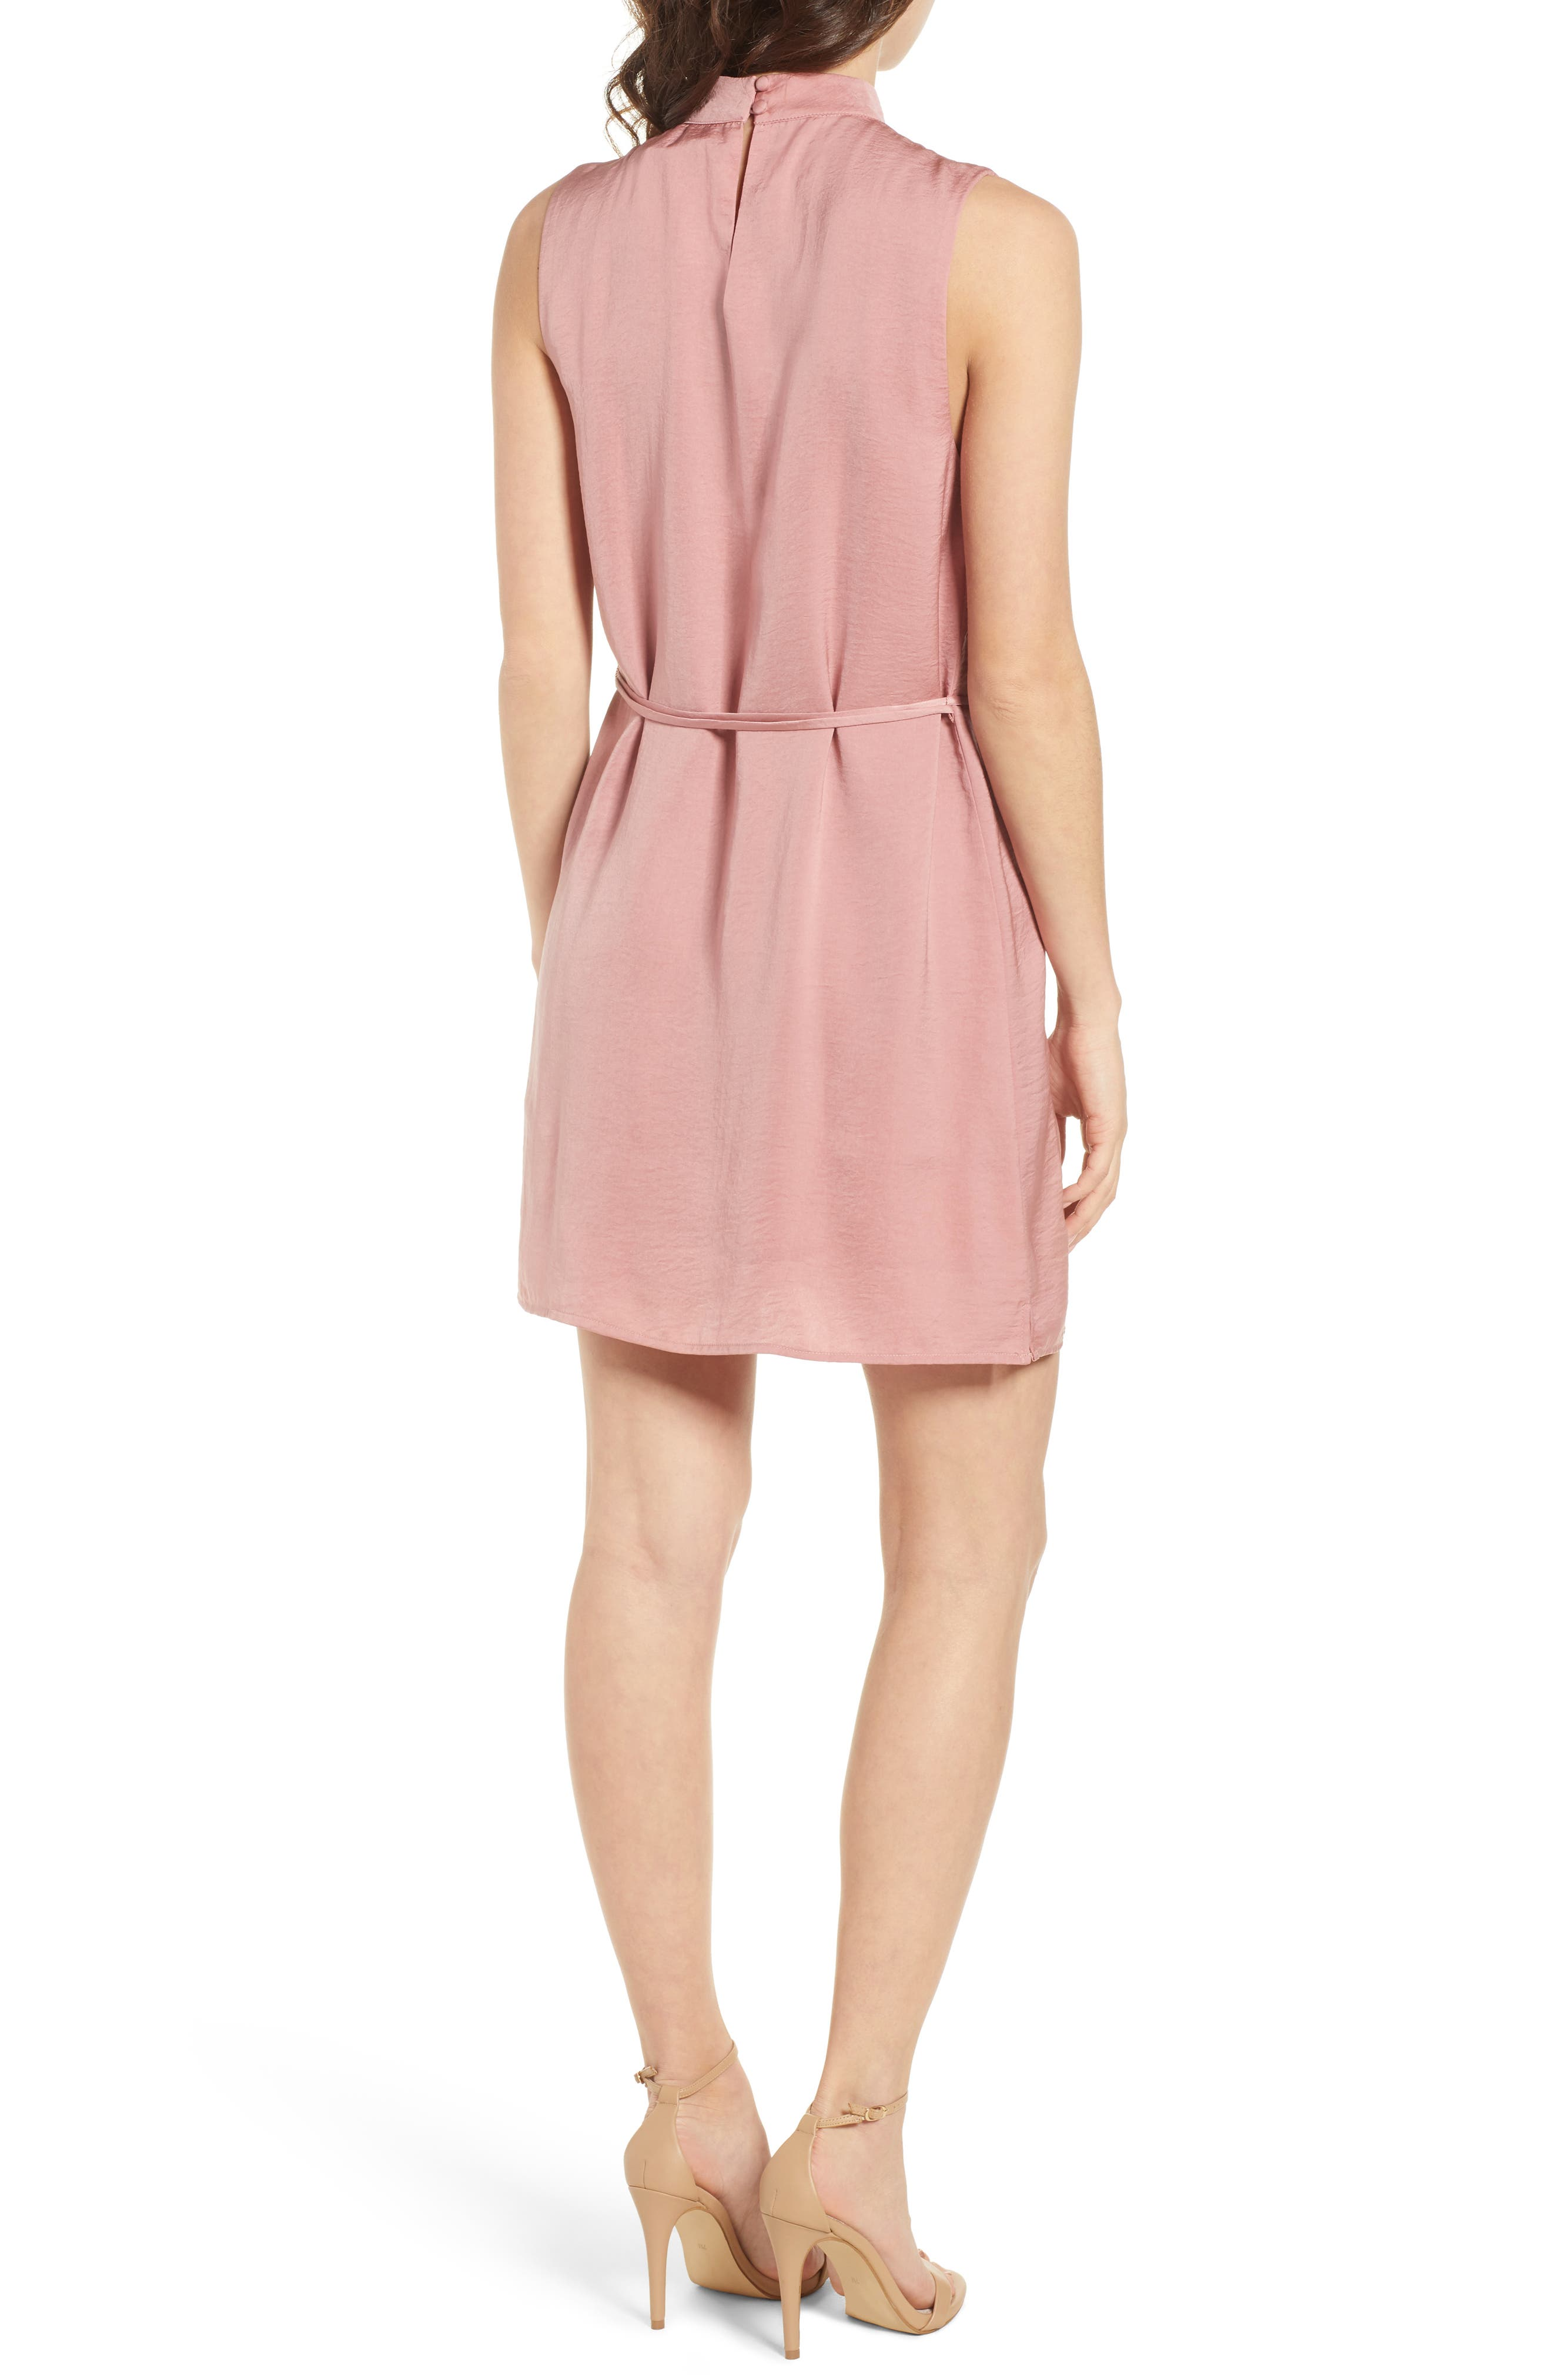 Hansel Sleeveless Dress,                             Alternate thumbnail 2, color,                             Faded Rose